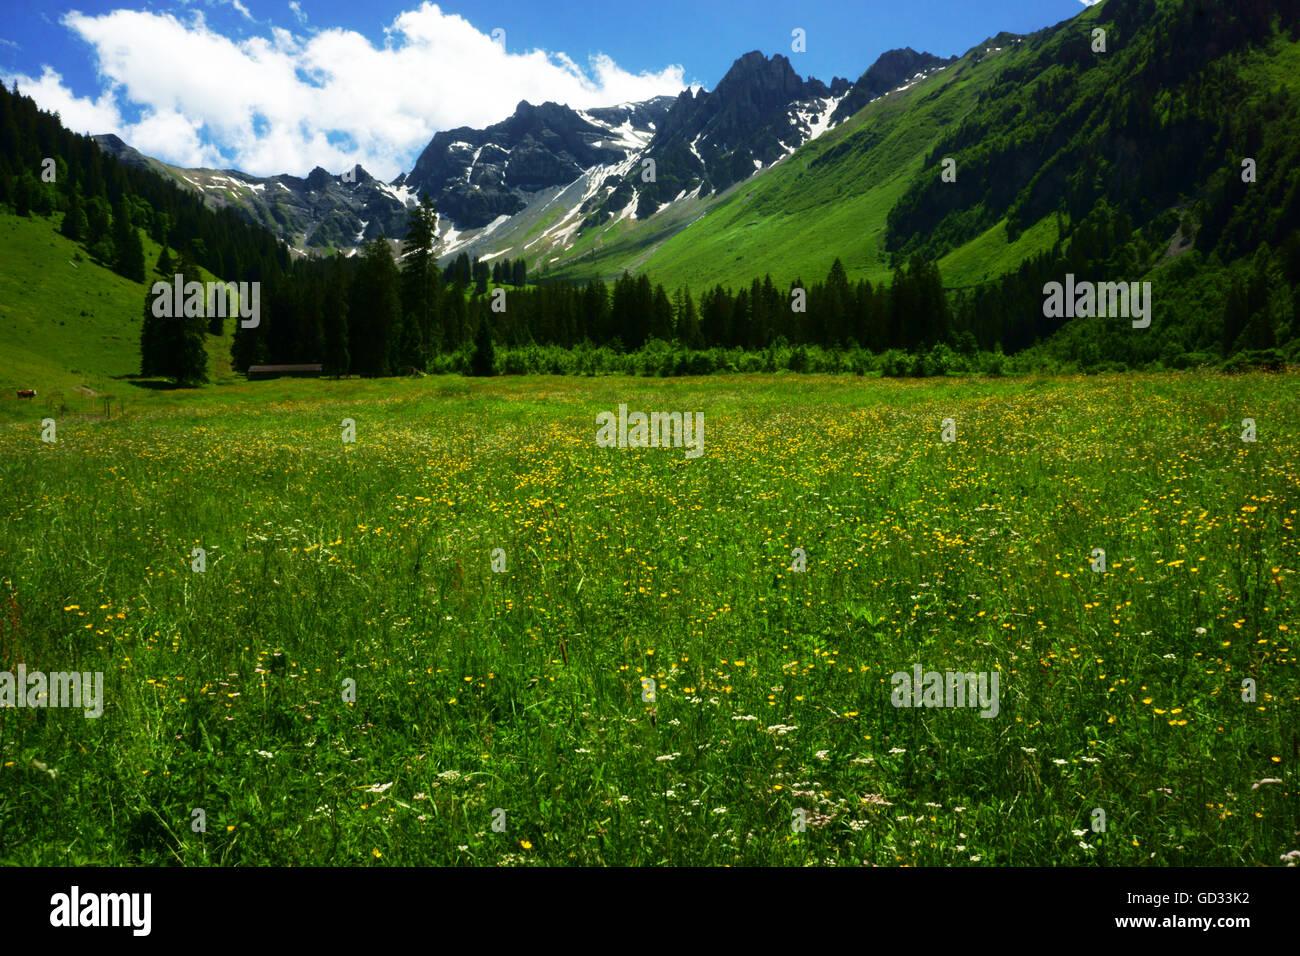 Alp Chilei Fildrich with Mt. Gsür, Diemtigtal BNature Park, Bernese alps, Switzerland - Stock Image